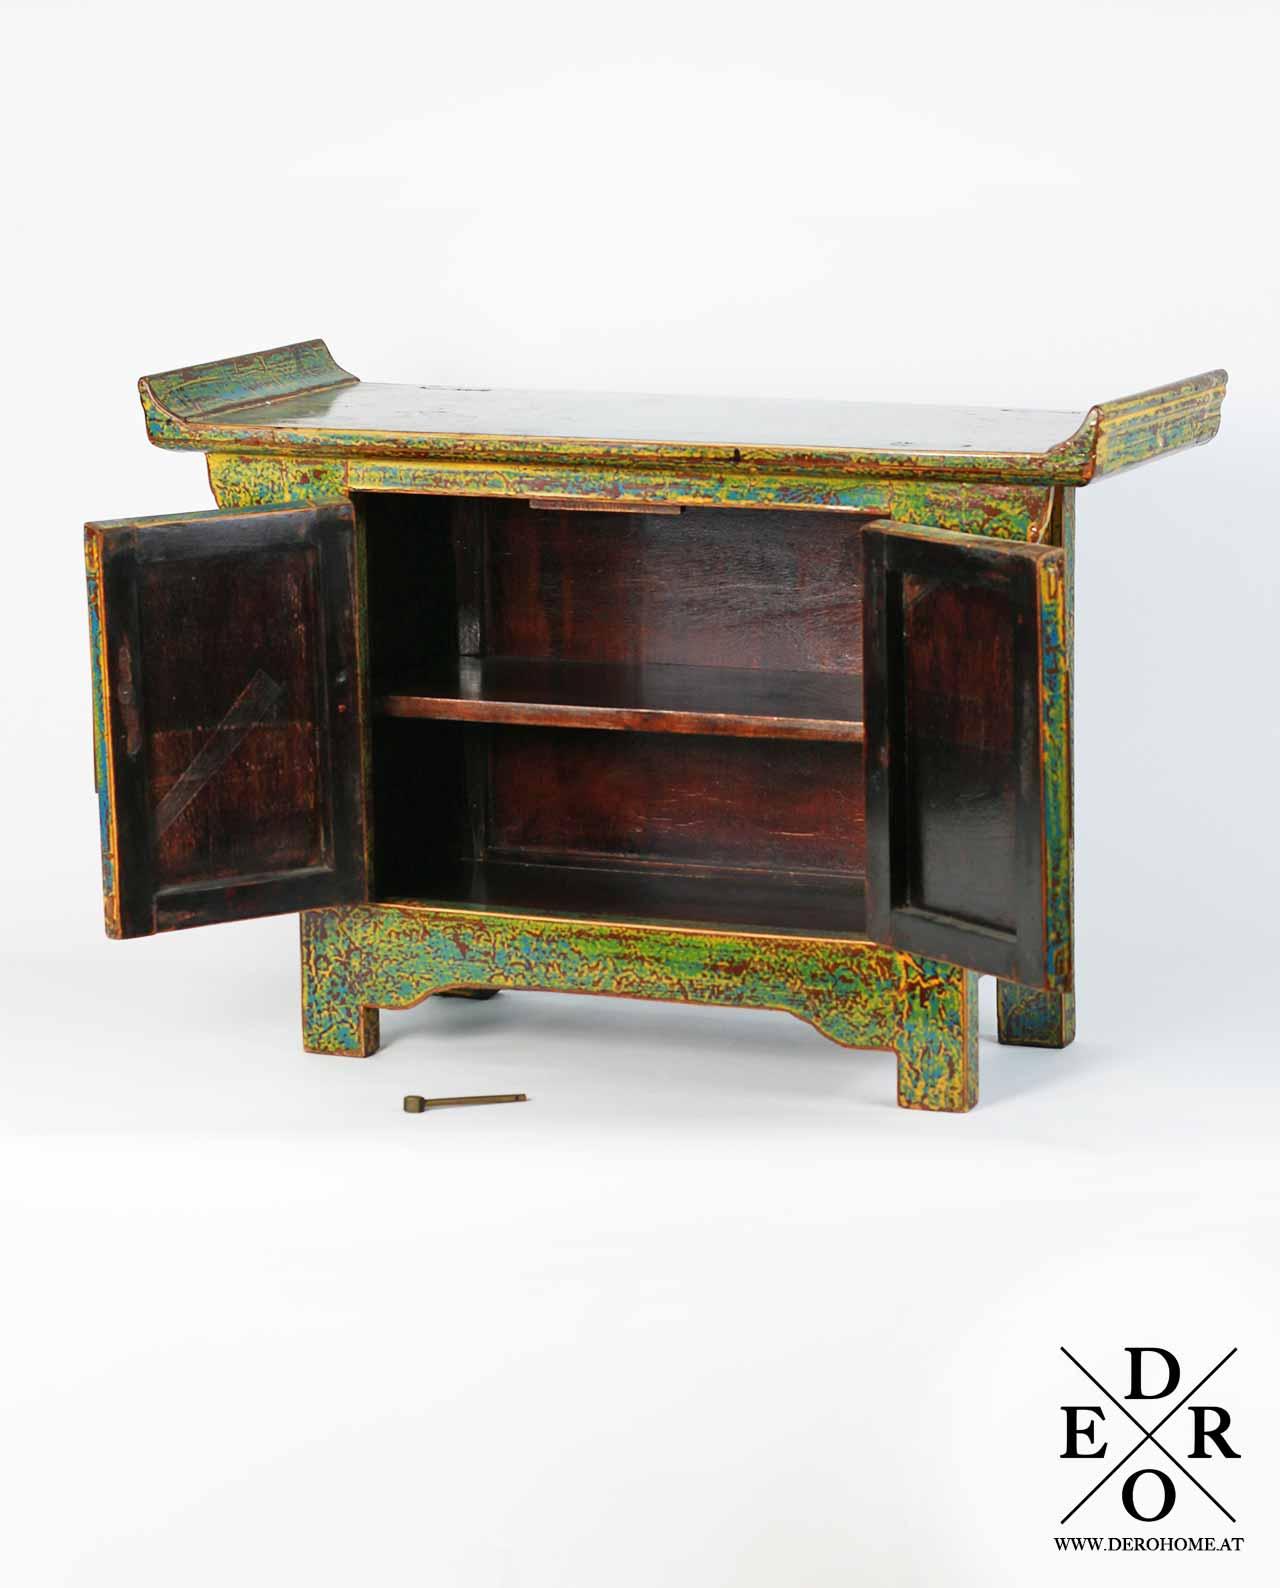 kleine kommode sideboard aus china guilin derohome at. Black Bedroom Furniture Sets. Home Design Ideas